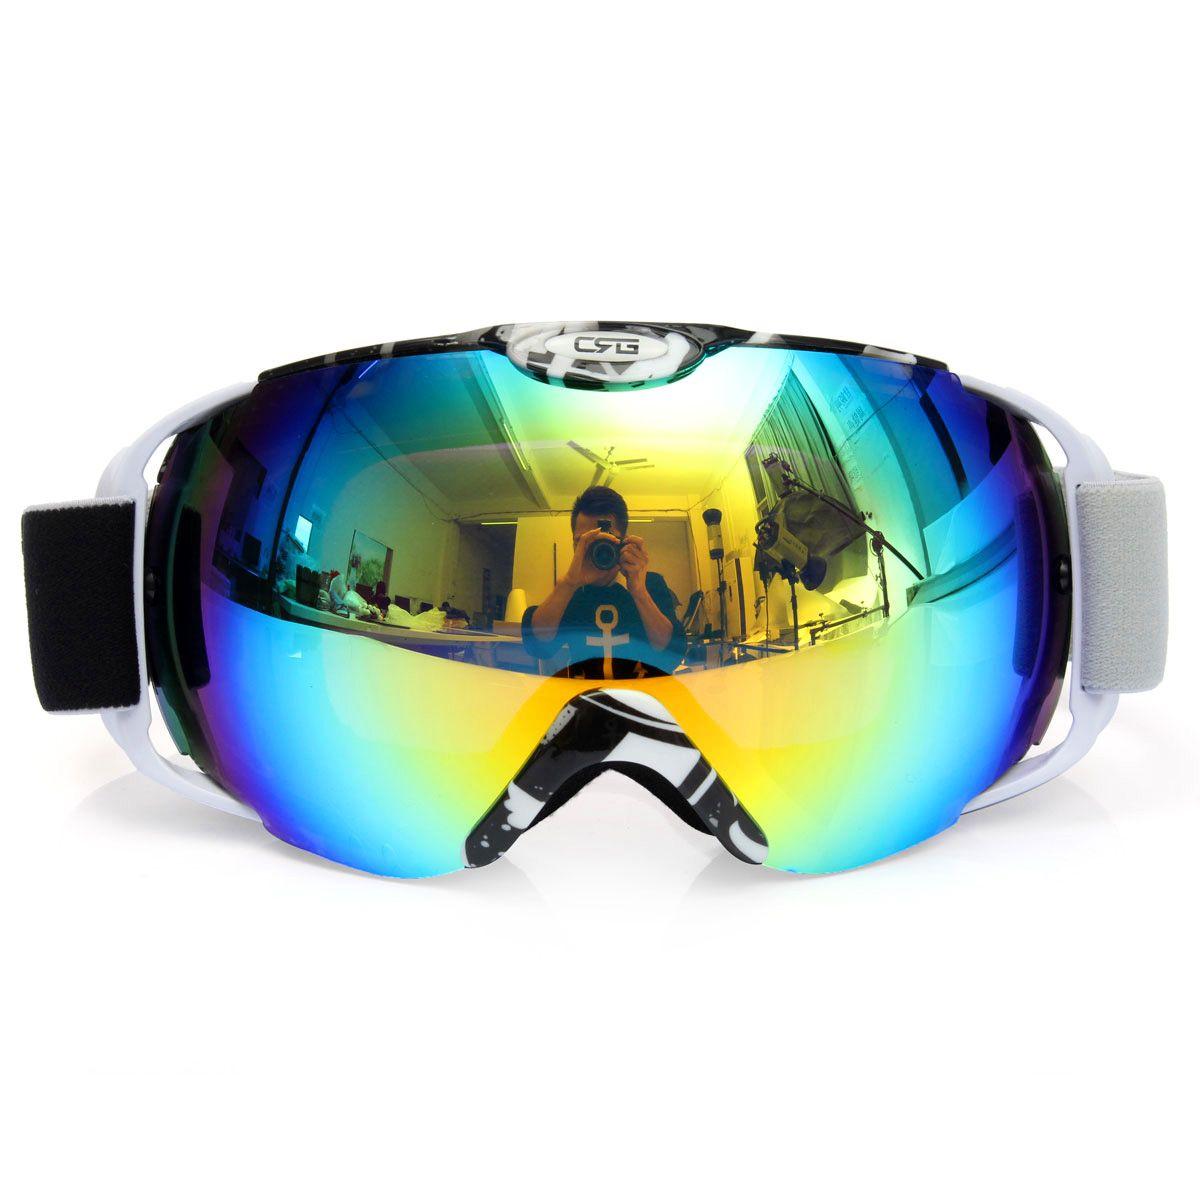 Унисекс Взрослые Профессиональные сферической анти-туман с двумя объективами Сноуборд Лыжные очки